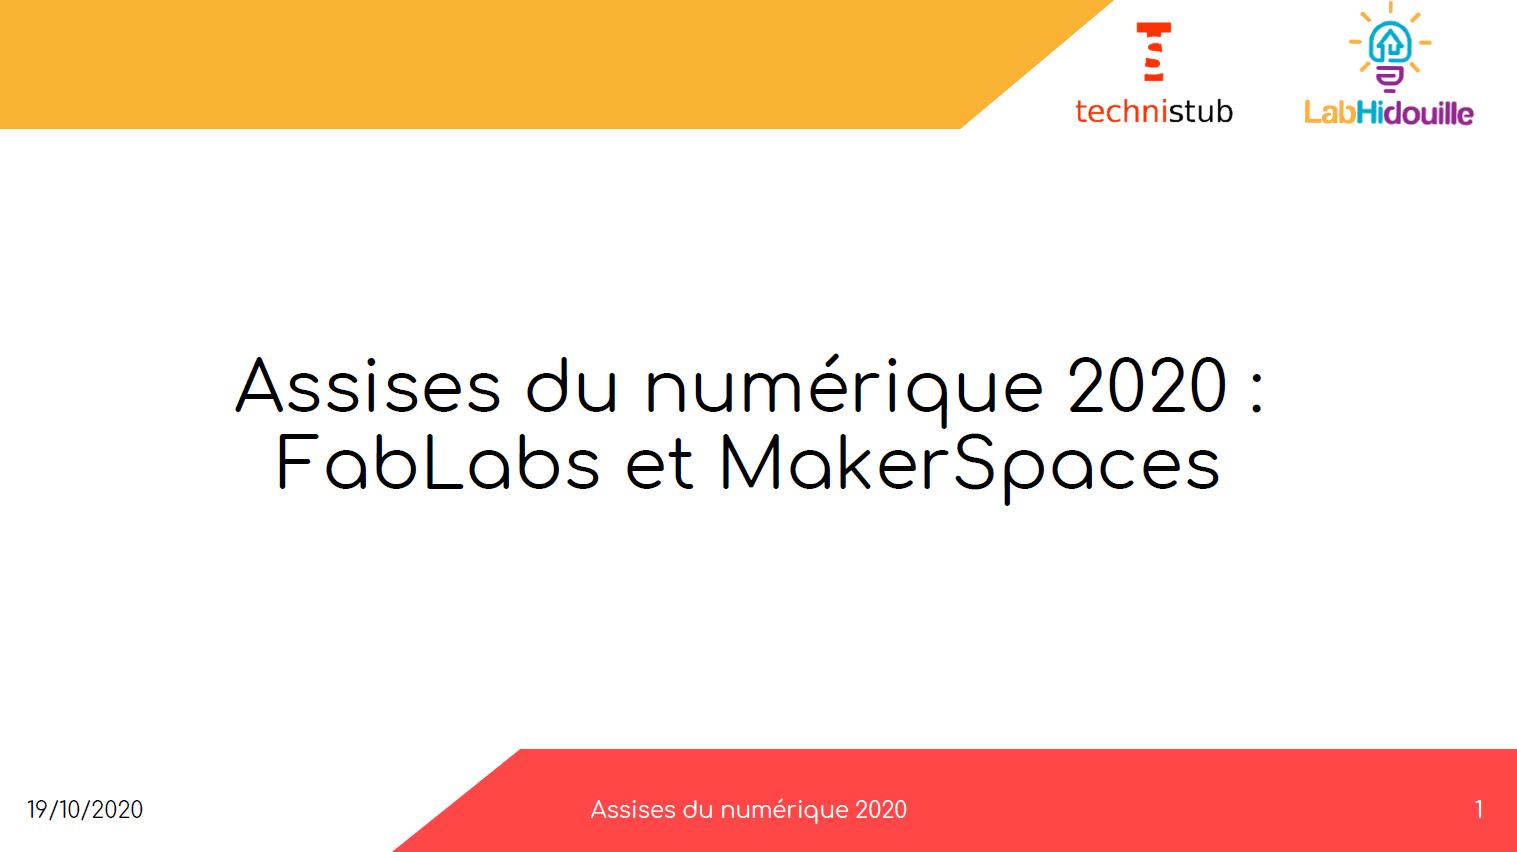 Présentation des fablabs et makerspaces